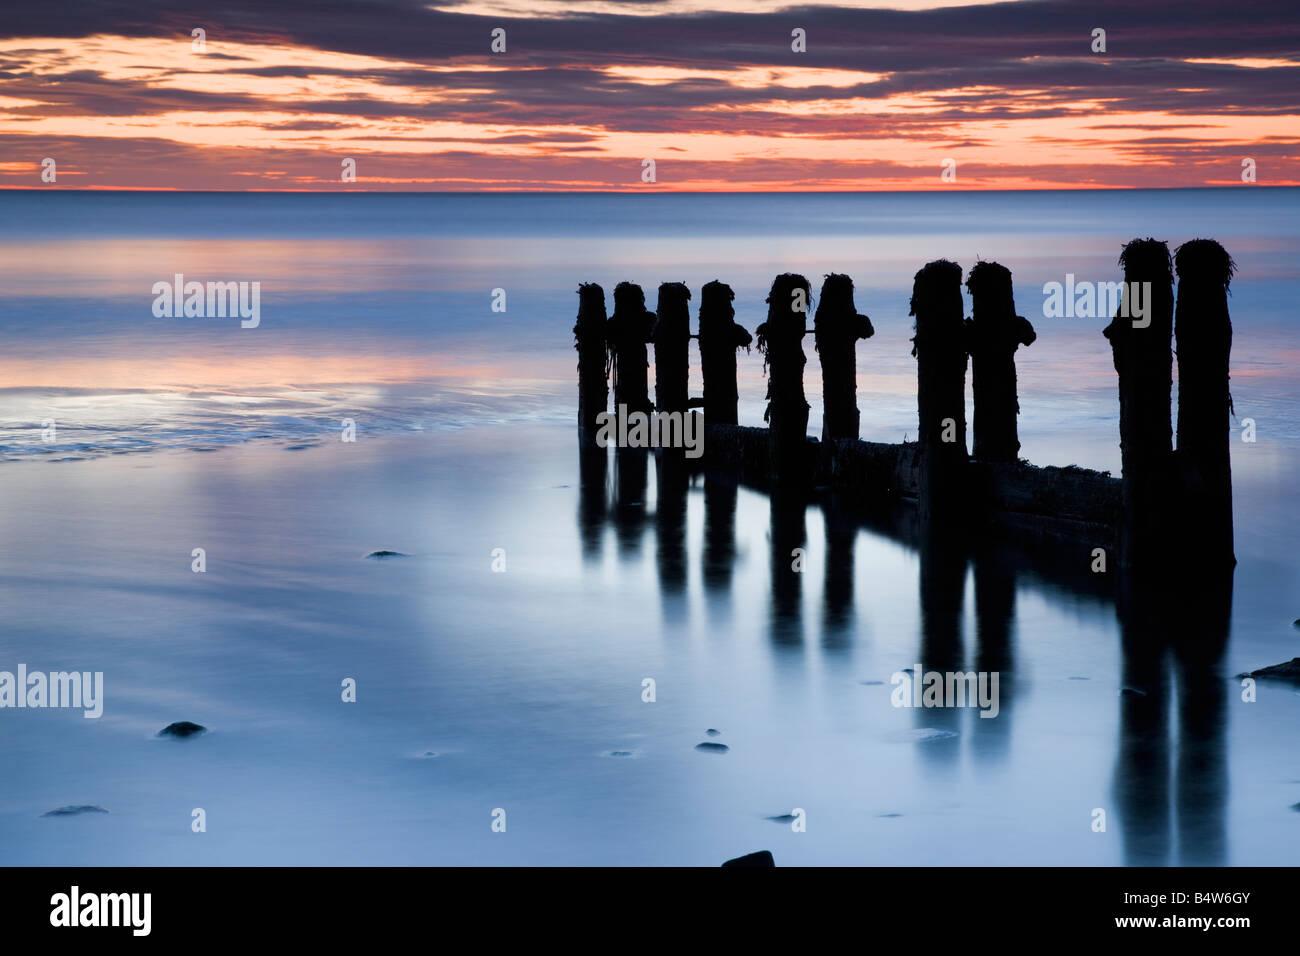 North Yorkshire REINO UNIDO Seascape larga exposición Foto de stock